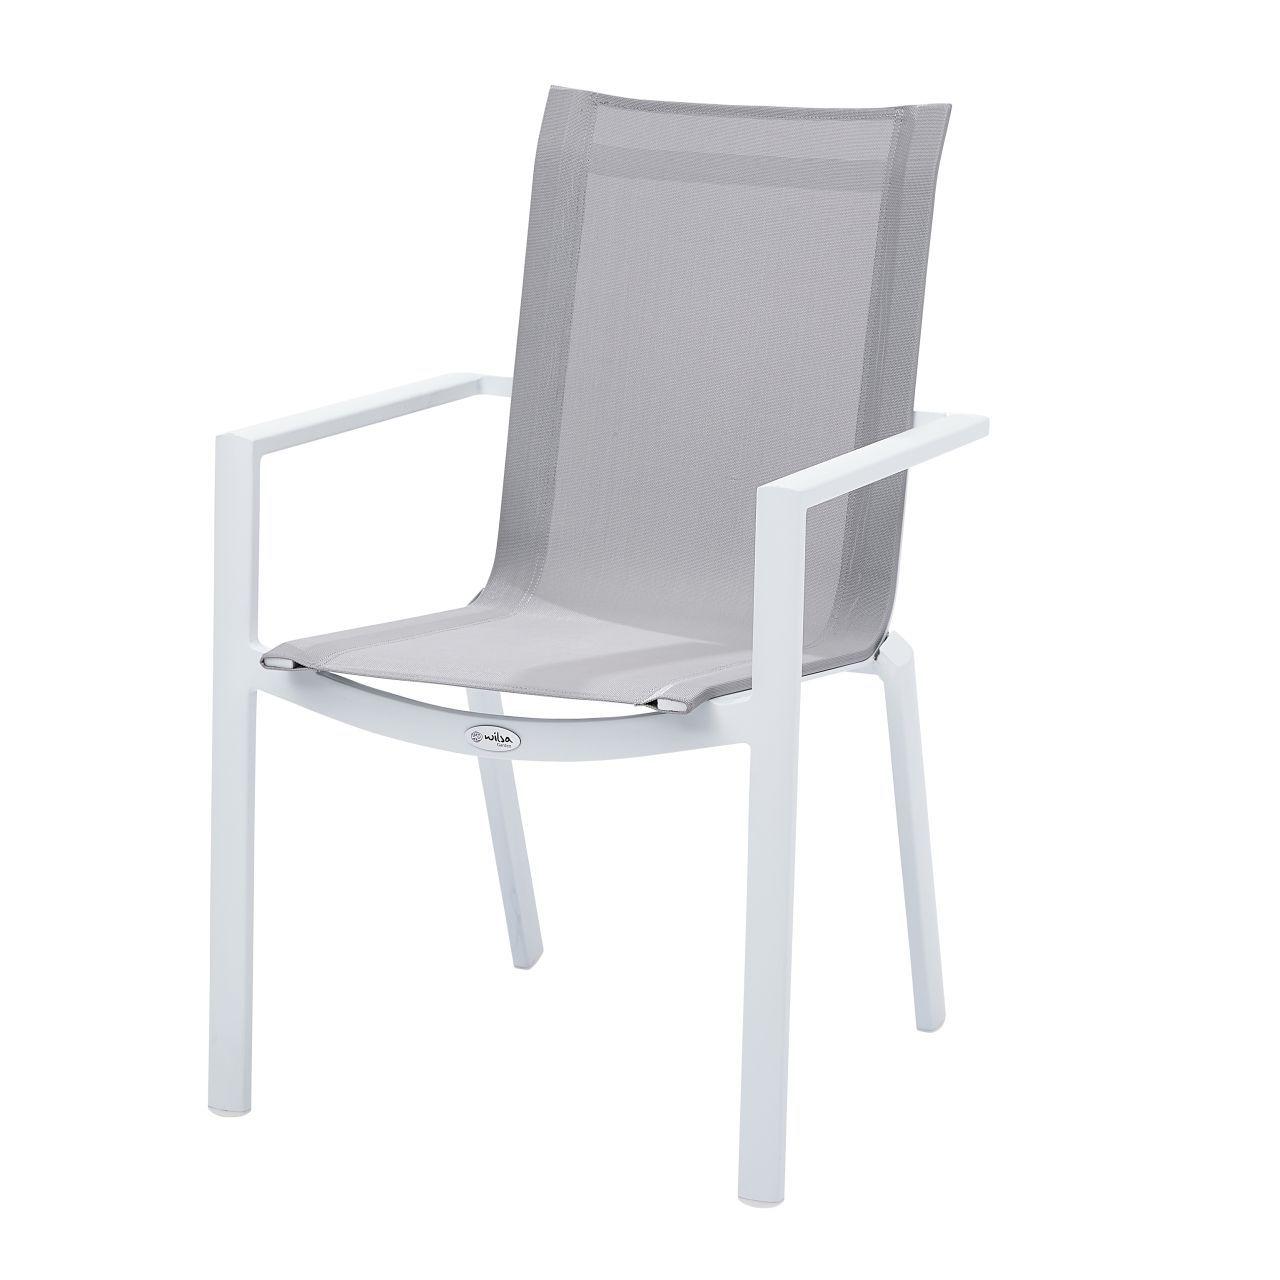 fauteuil de jardin aluminium et textilene blanc gris clair whitestar